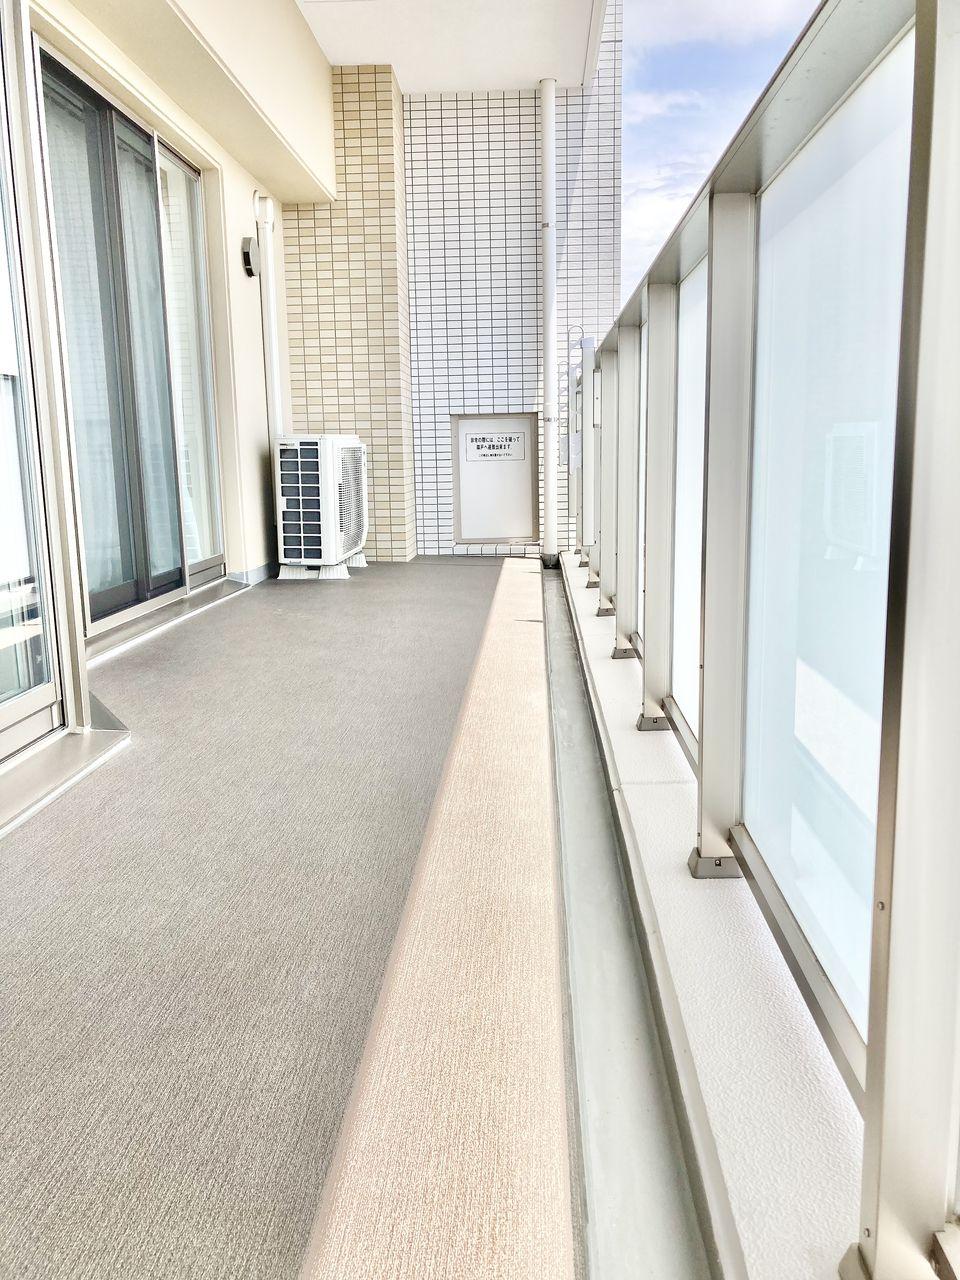 奥行き1.9m 動きやすさは、幅よりも奥行きがポイントです、奥行きが1.9mあると大量の洗濯物や大きな布団なども干しやすくなりますし、テーブルやイスを置くことも可能です。